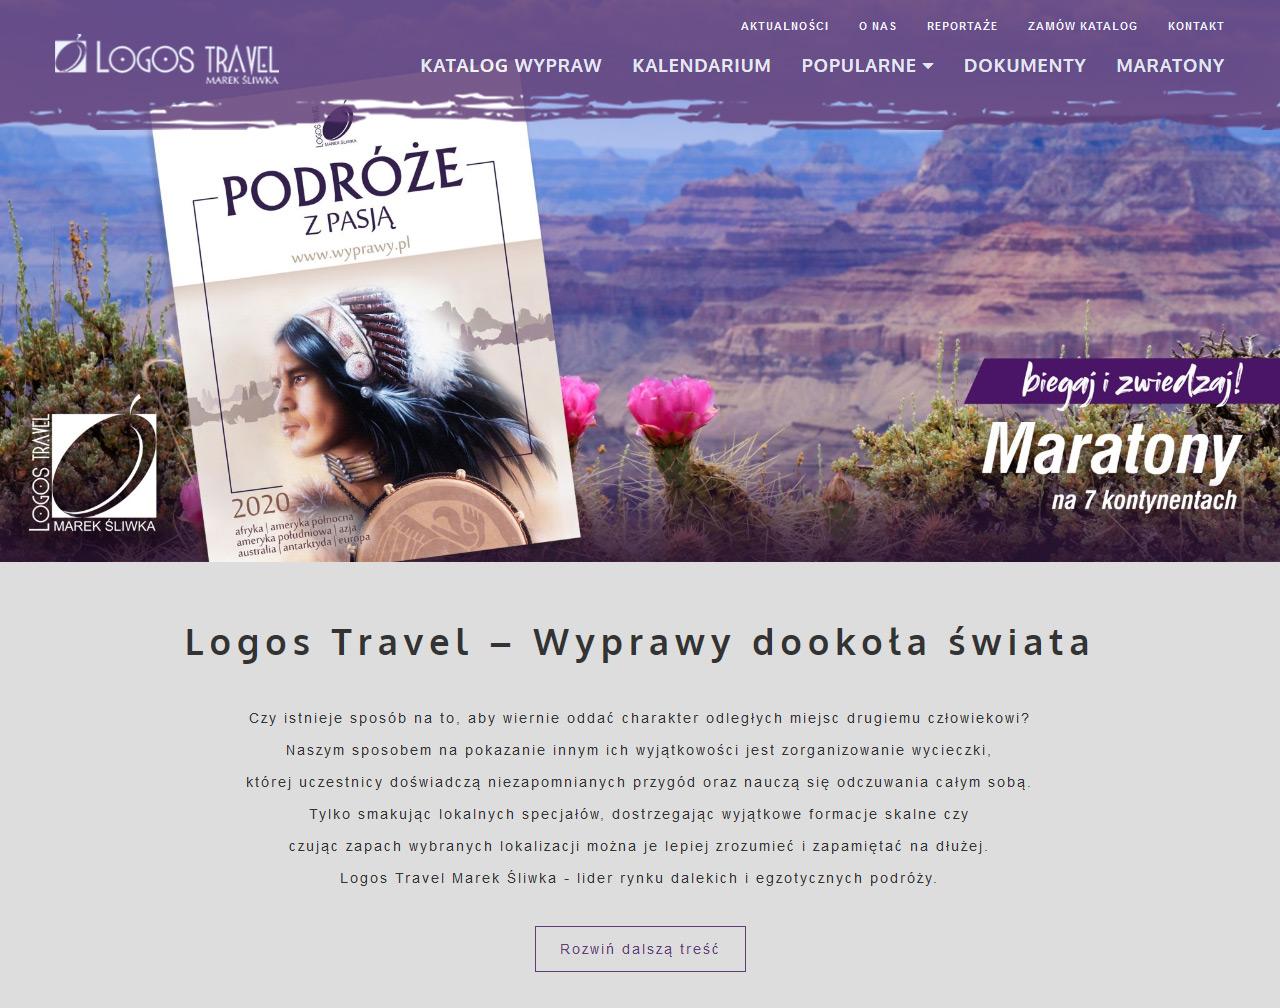 Serwis www dla lidera dalekich podróży w branży turystycznej - Logos Travel 1